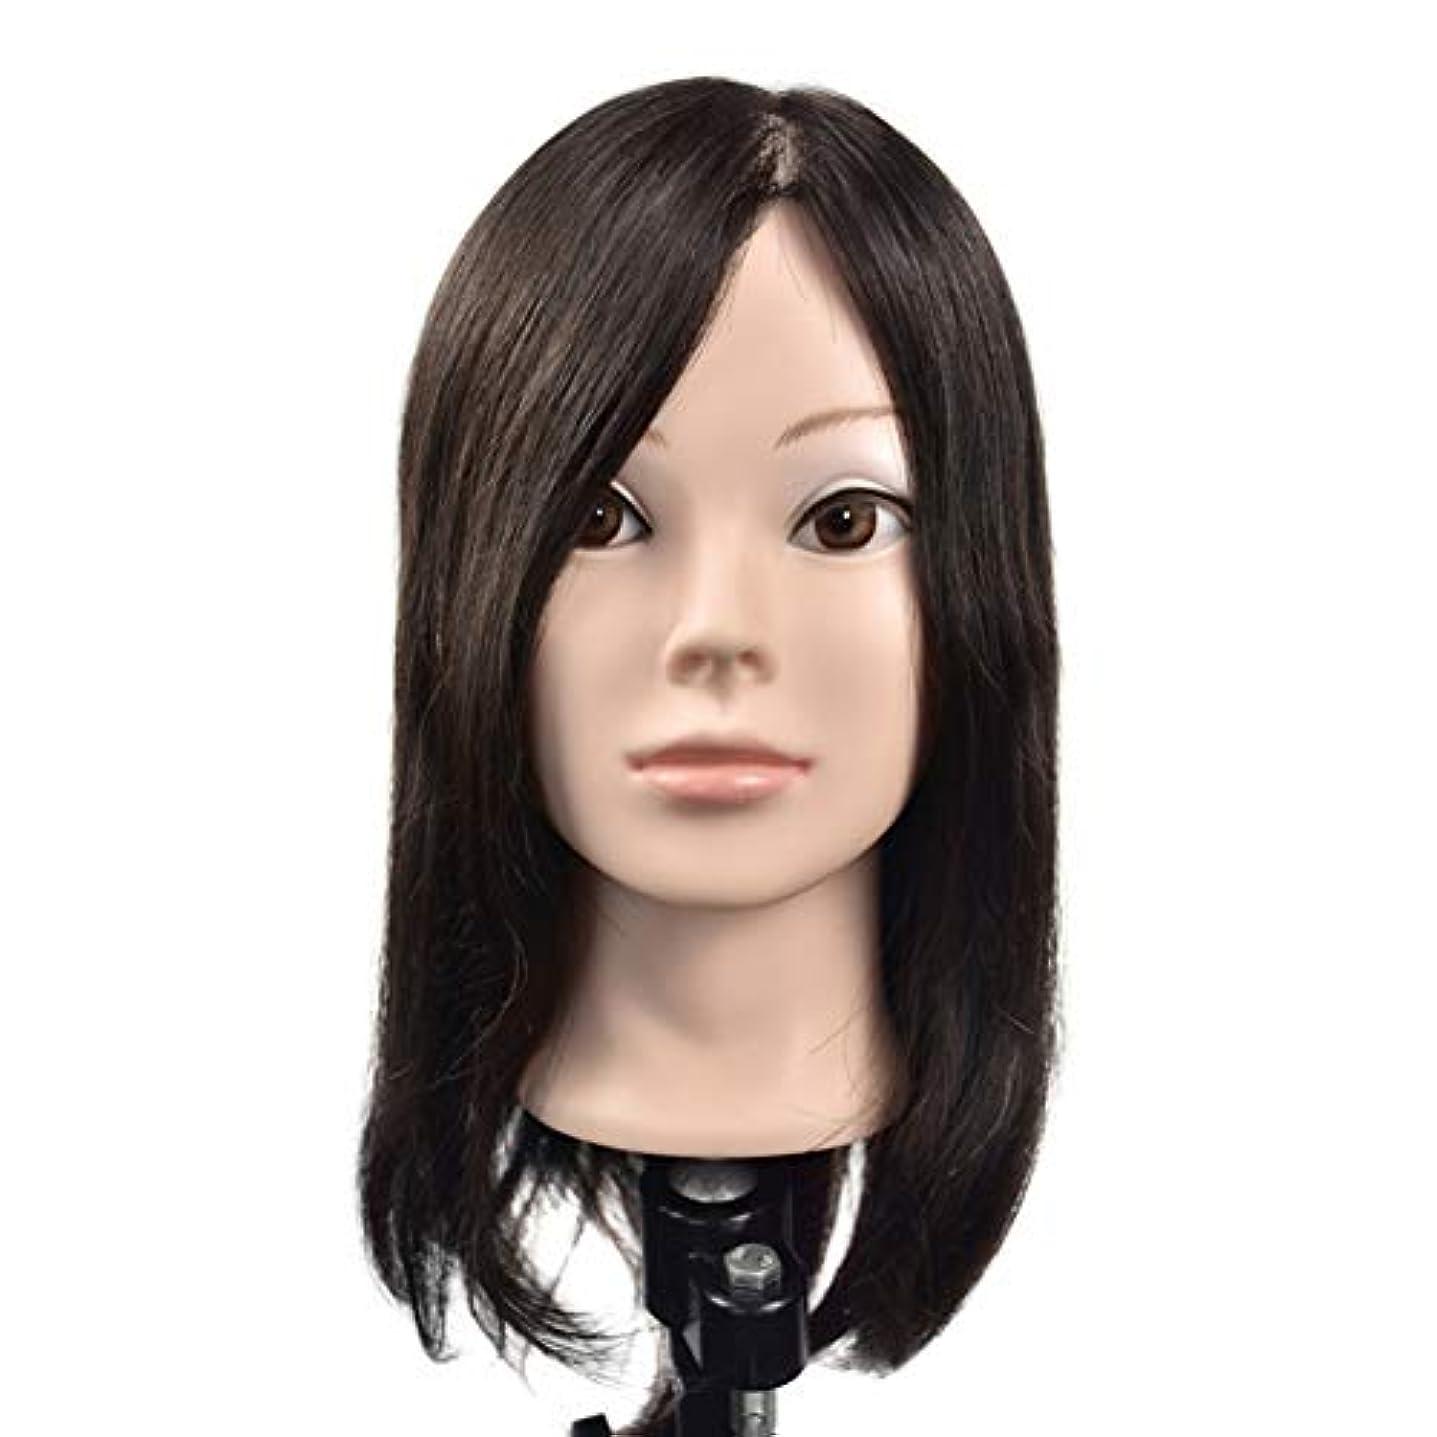 リアルヘアースタイリングモデルヘッド女性モデル頭ティーチングヘッド理髪店編組髪染め学習ダミーヘッド